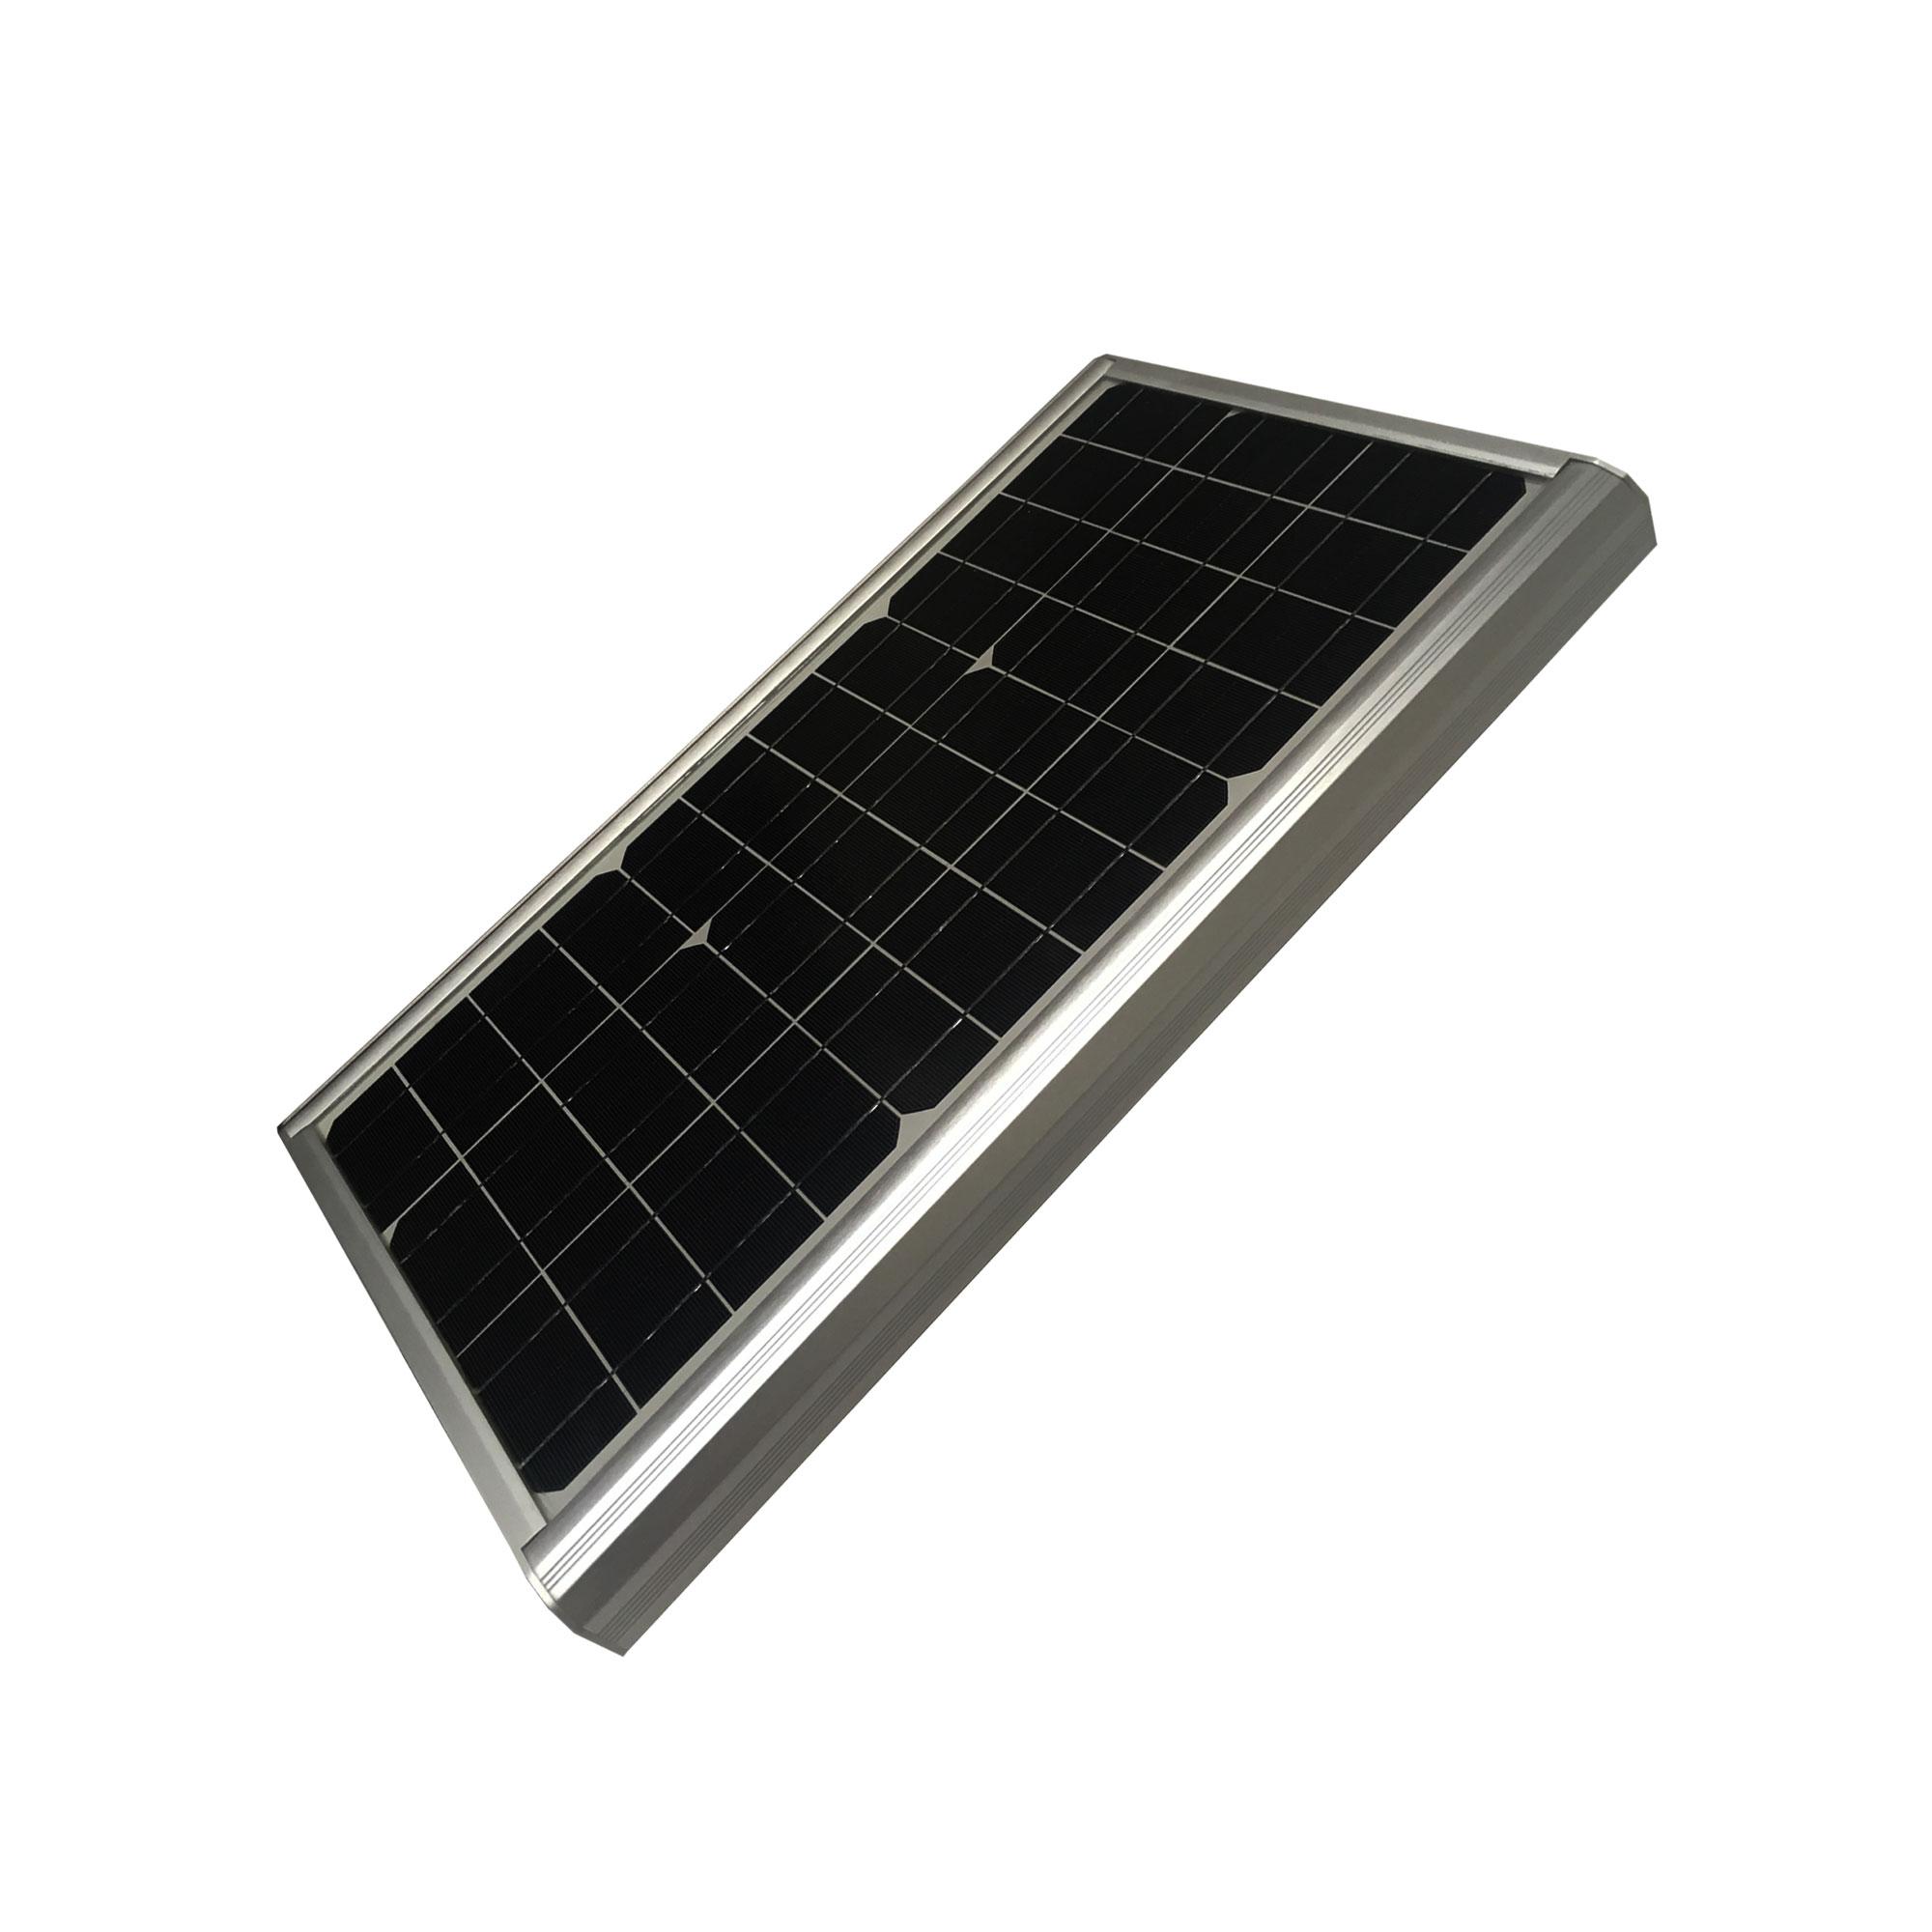 Luminaria solar fotovoltaica de alumbrado p blico led 40w for Alumbrado solar jardin